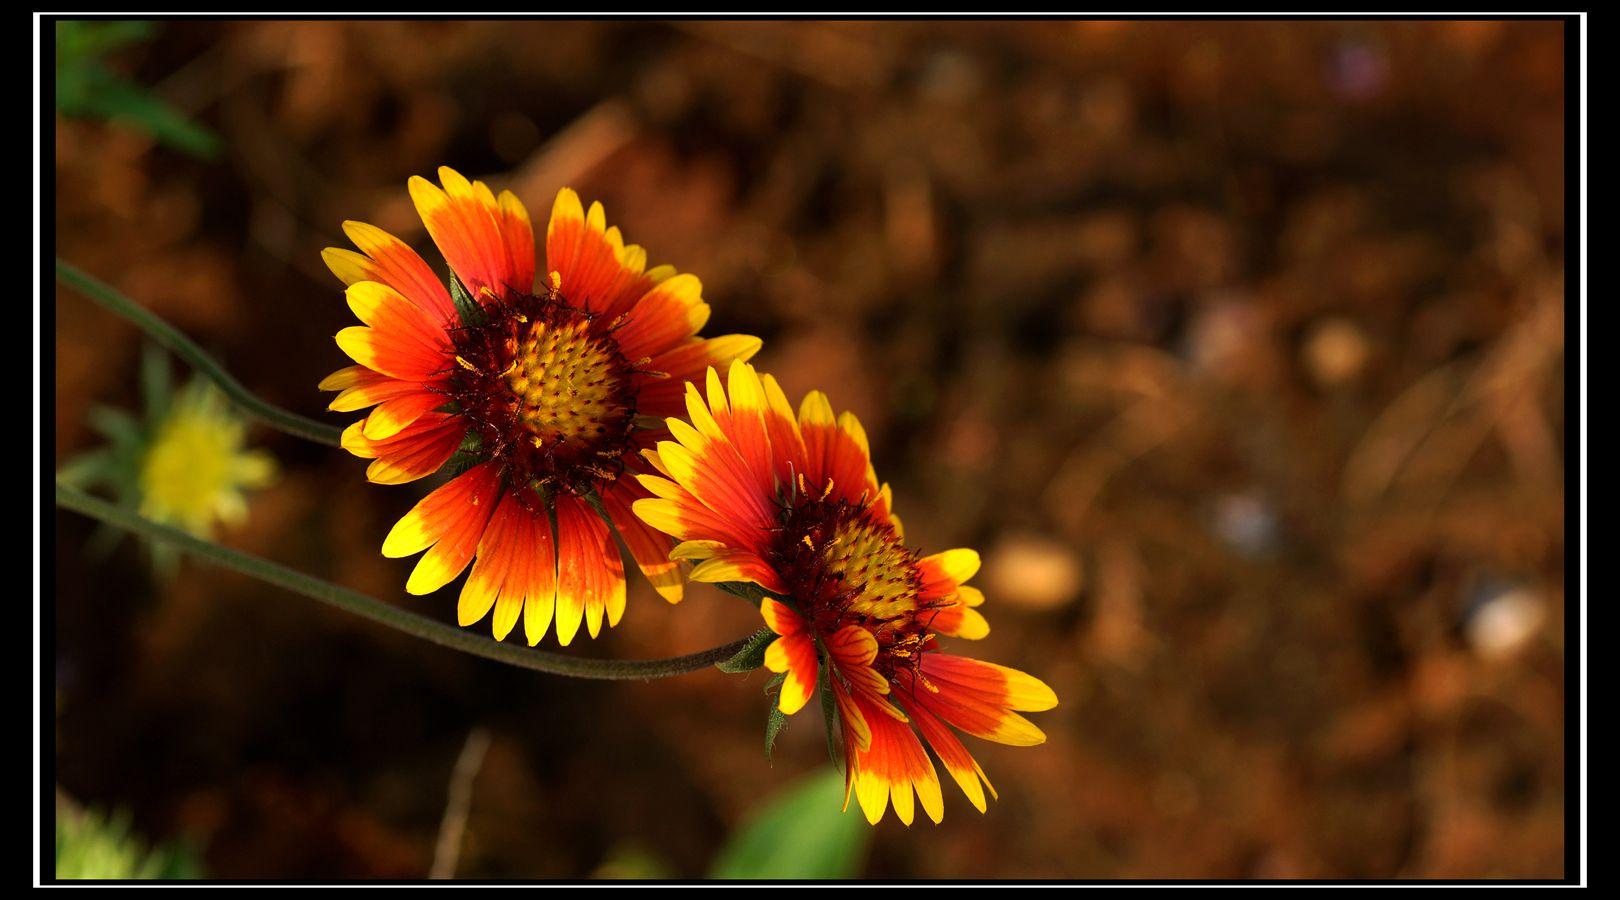 堆心菊是一种什么花卉植物?堆心菊图片及简介